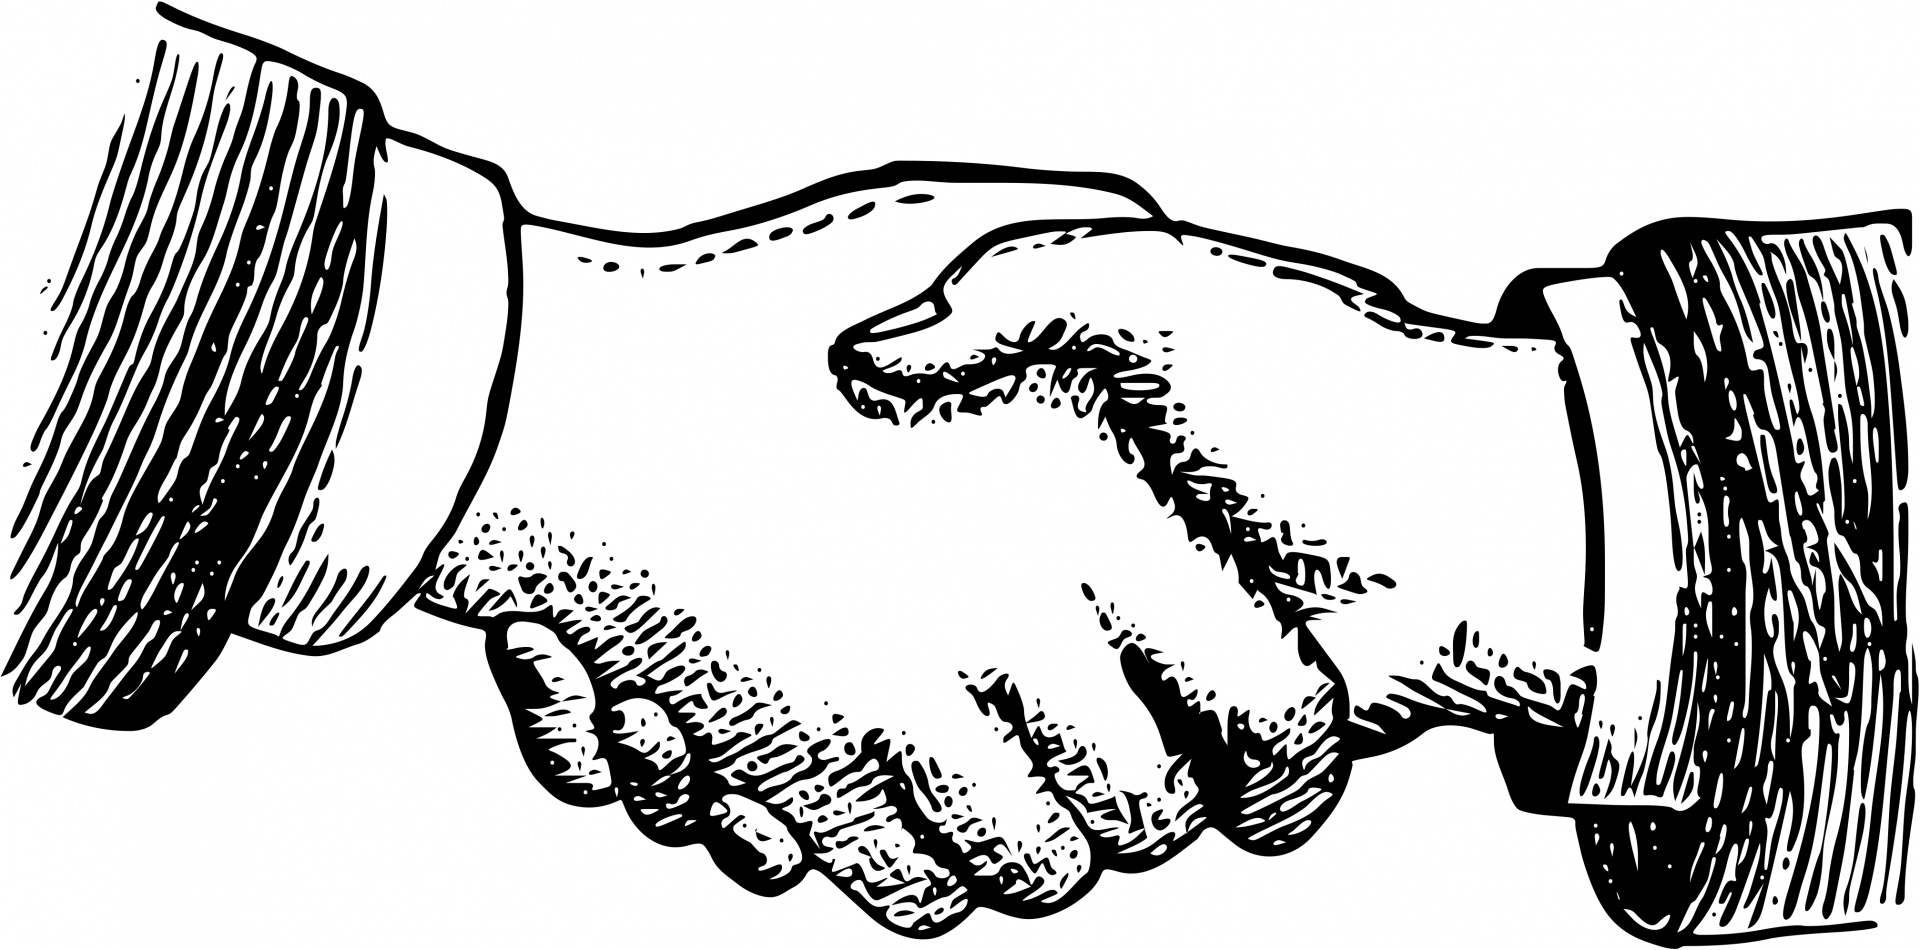 Handshake Free Stock Photo